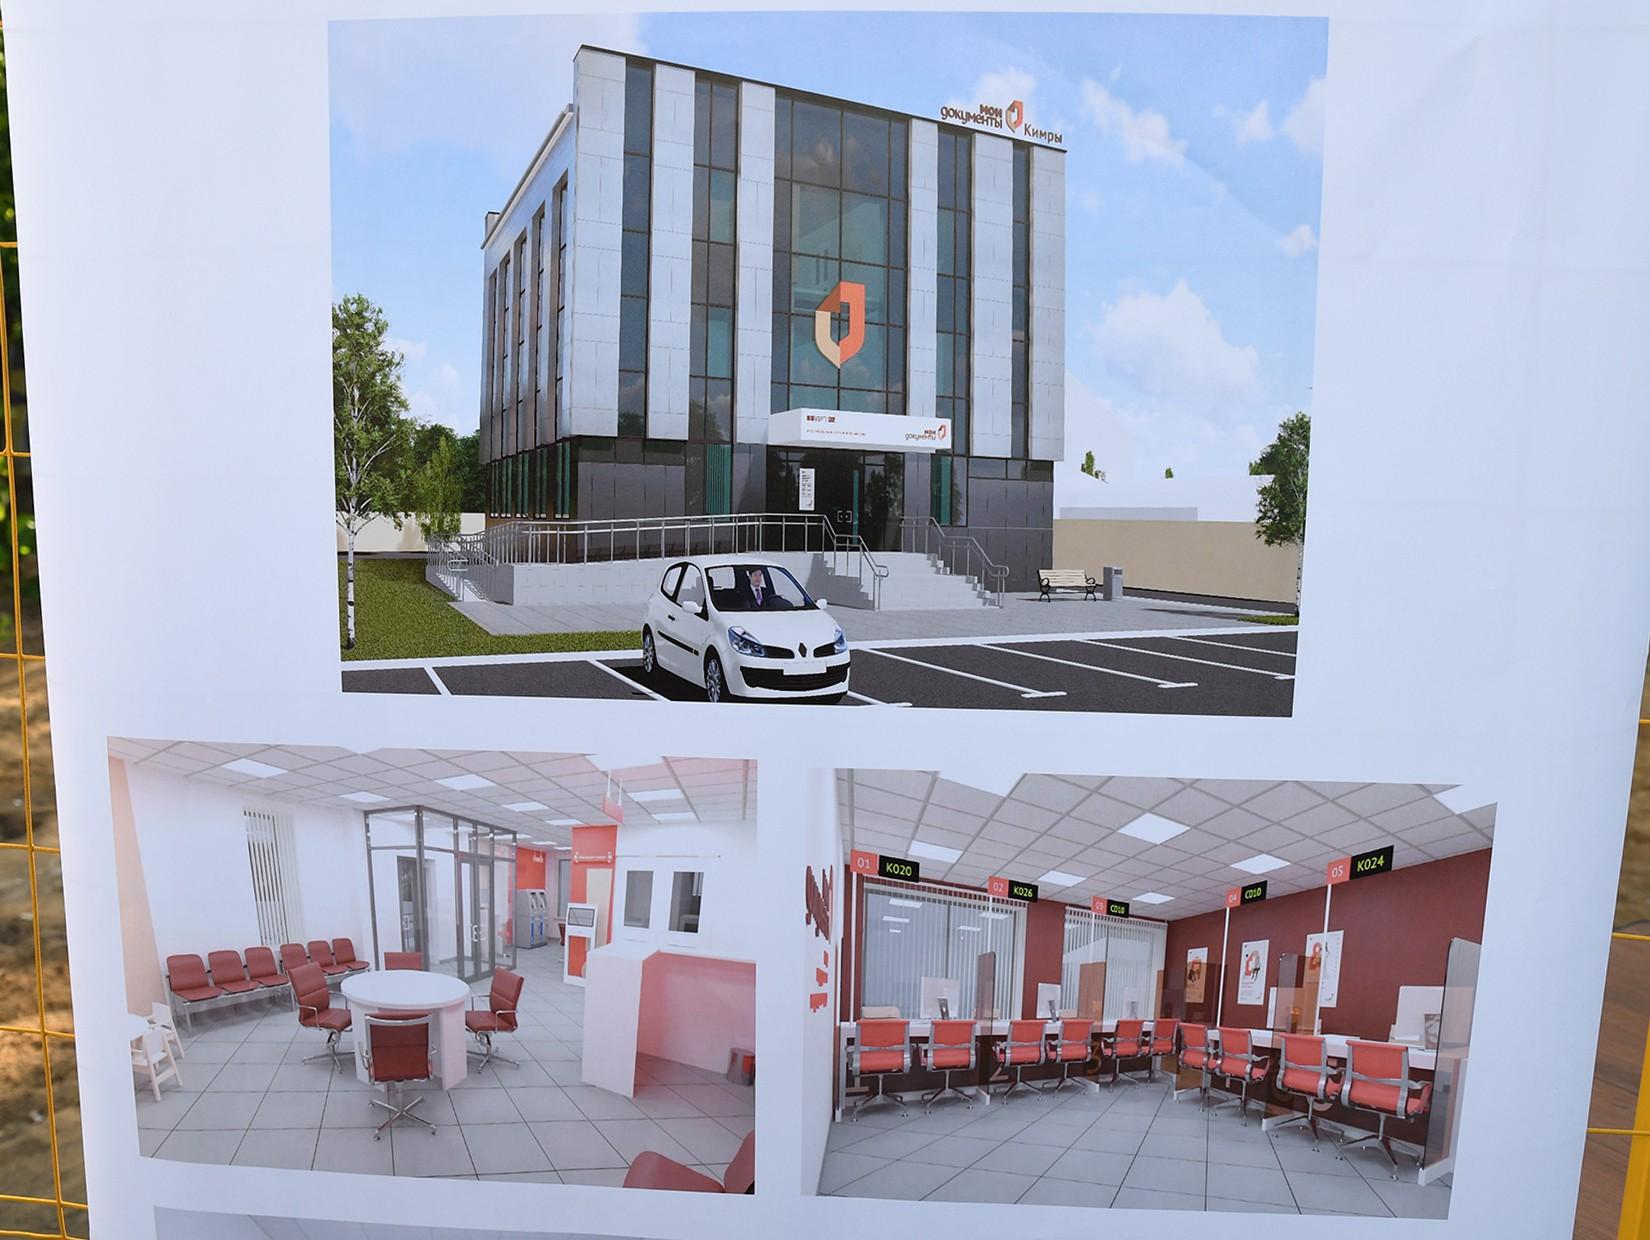 Опубликованы фотографии нового здания МФЦ на улице Луначарского в Кимрах